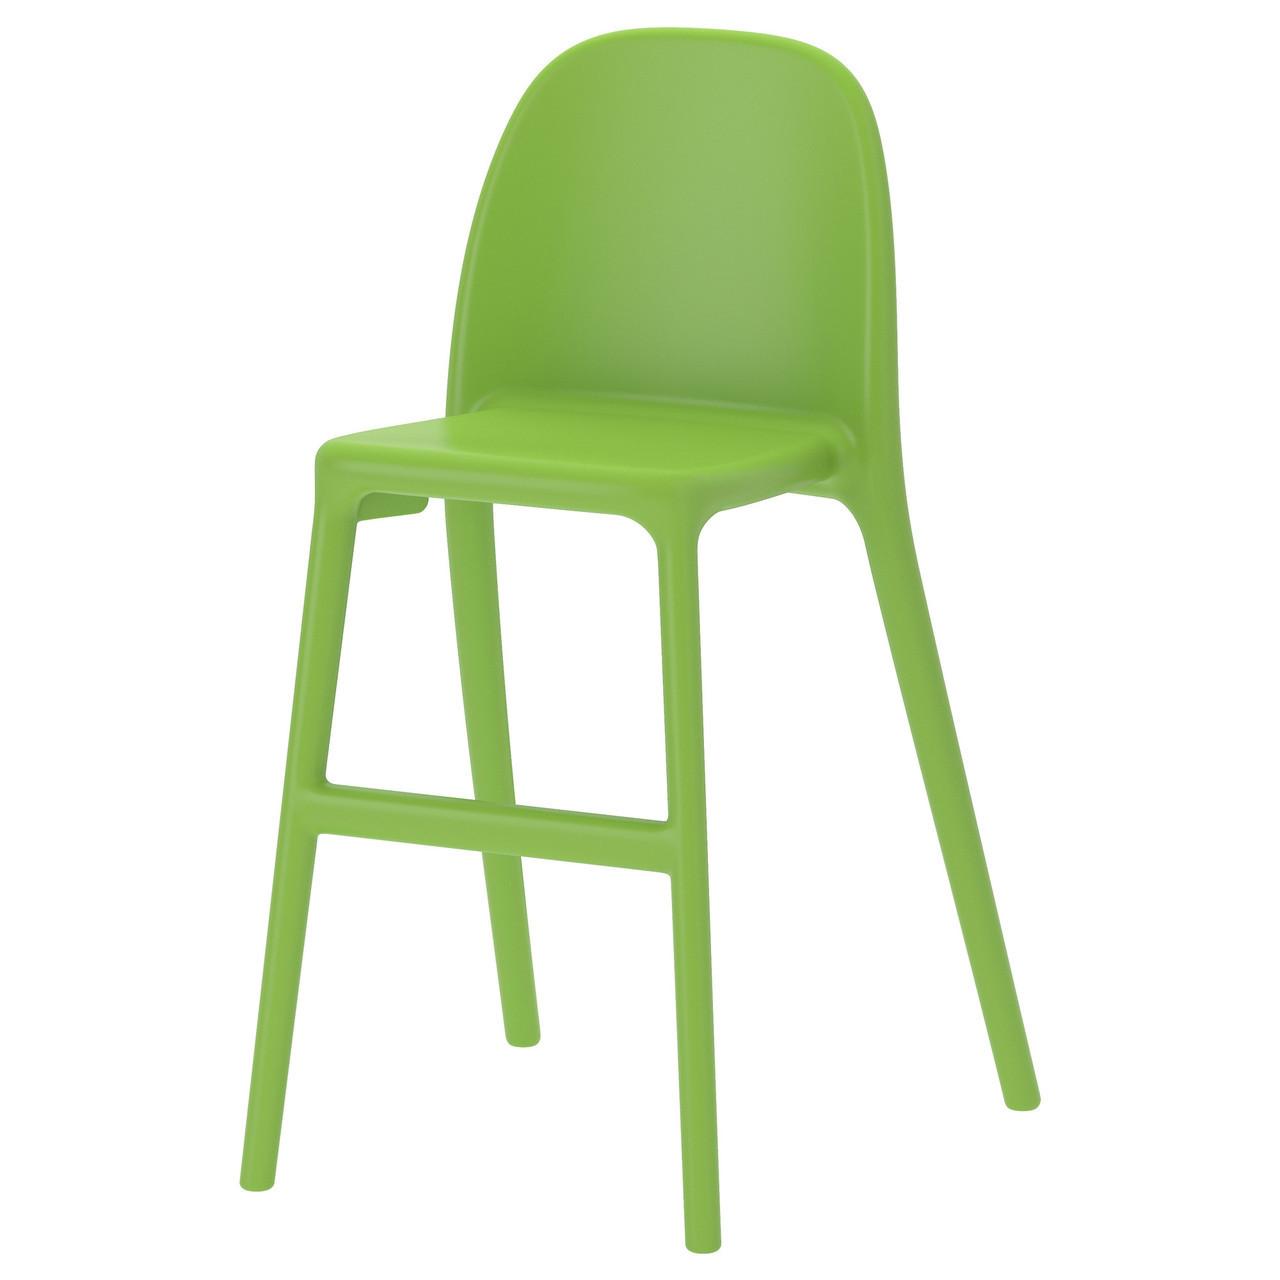 Детский стул URBAN, зеленый, IKEA, 502.070.36